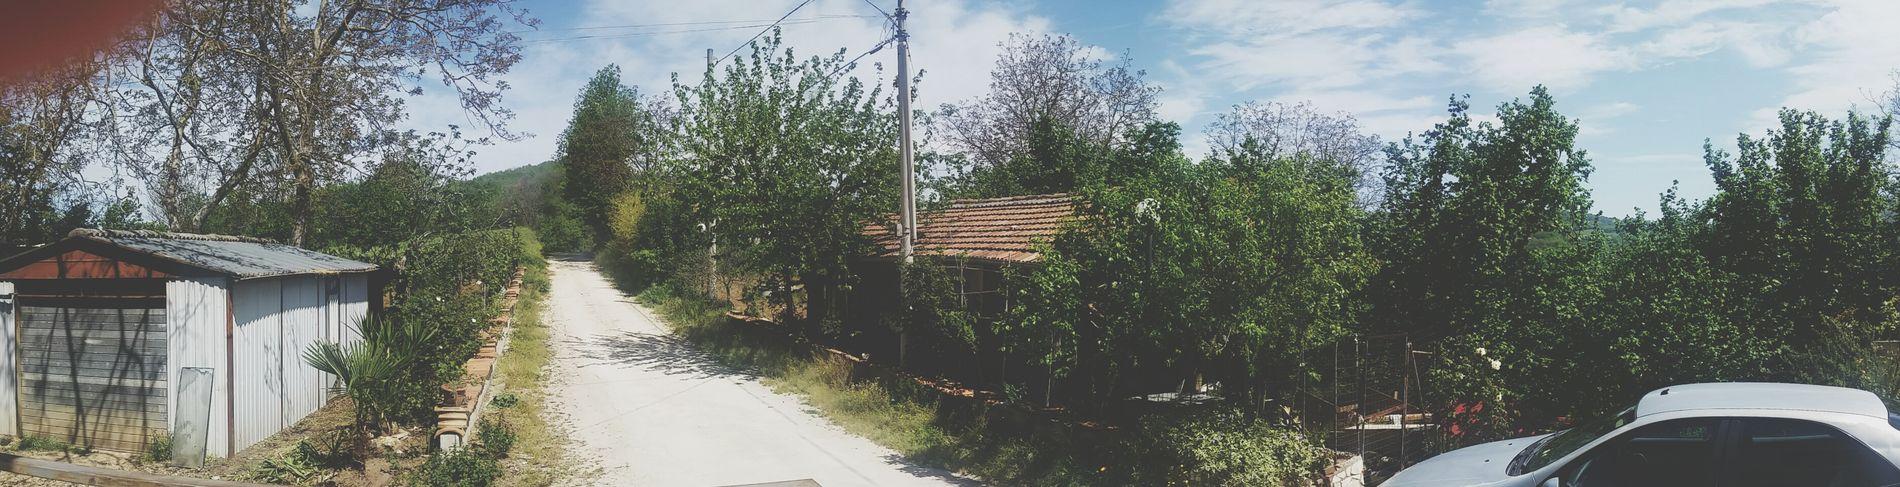 Sun Nella Pace Dei Sensi Avellino Campagna ❤️ Good Morning